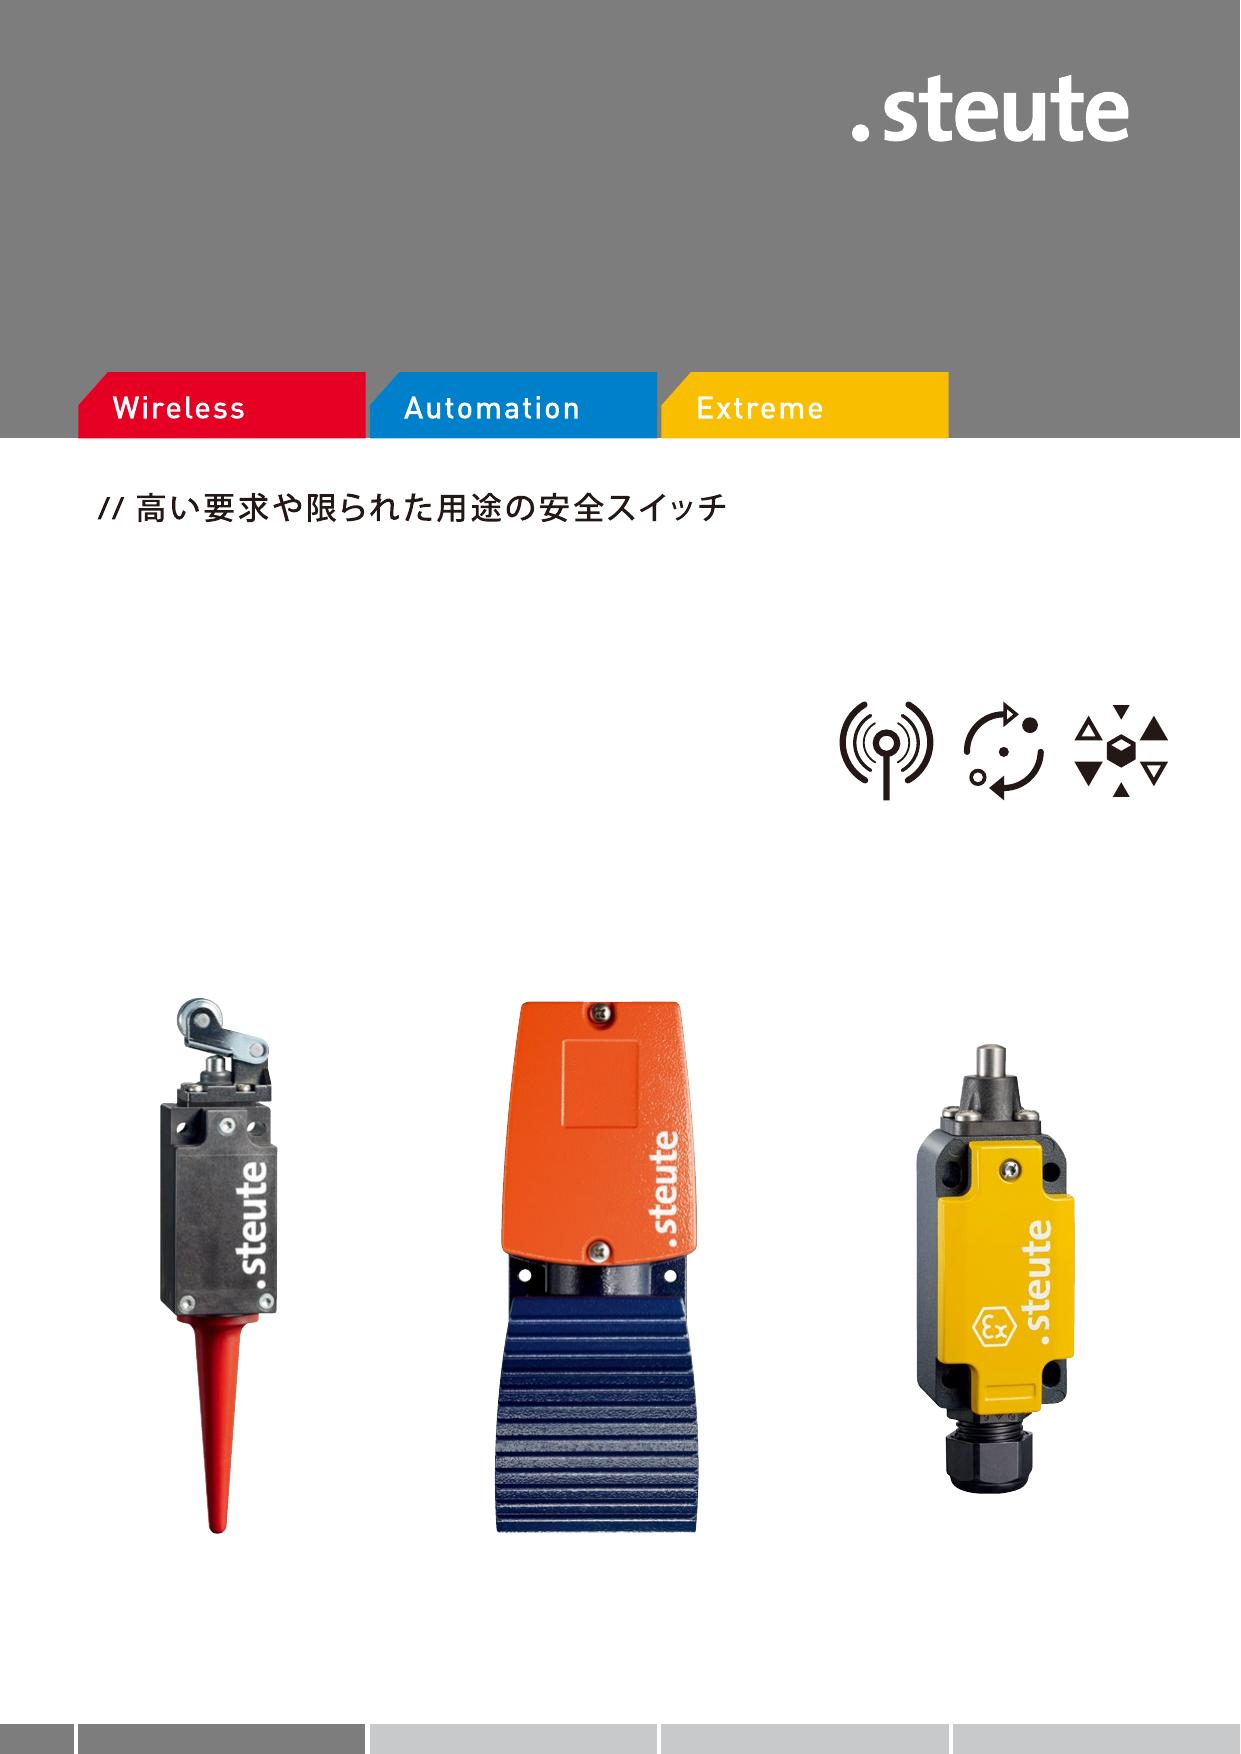 過酷な環境に適した安全スイッチ 総合カタログ